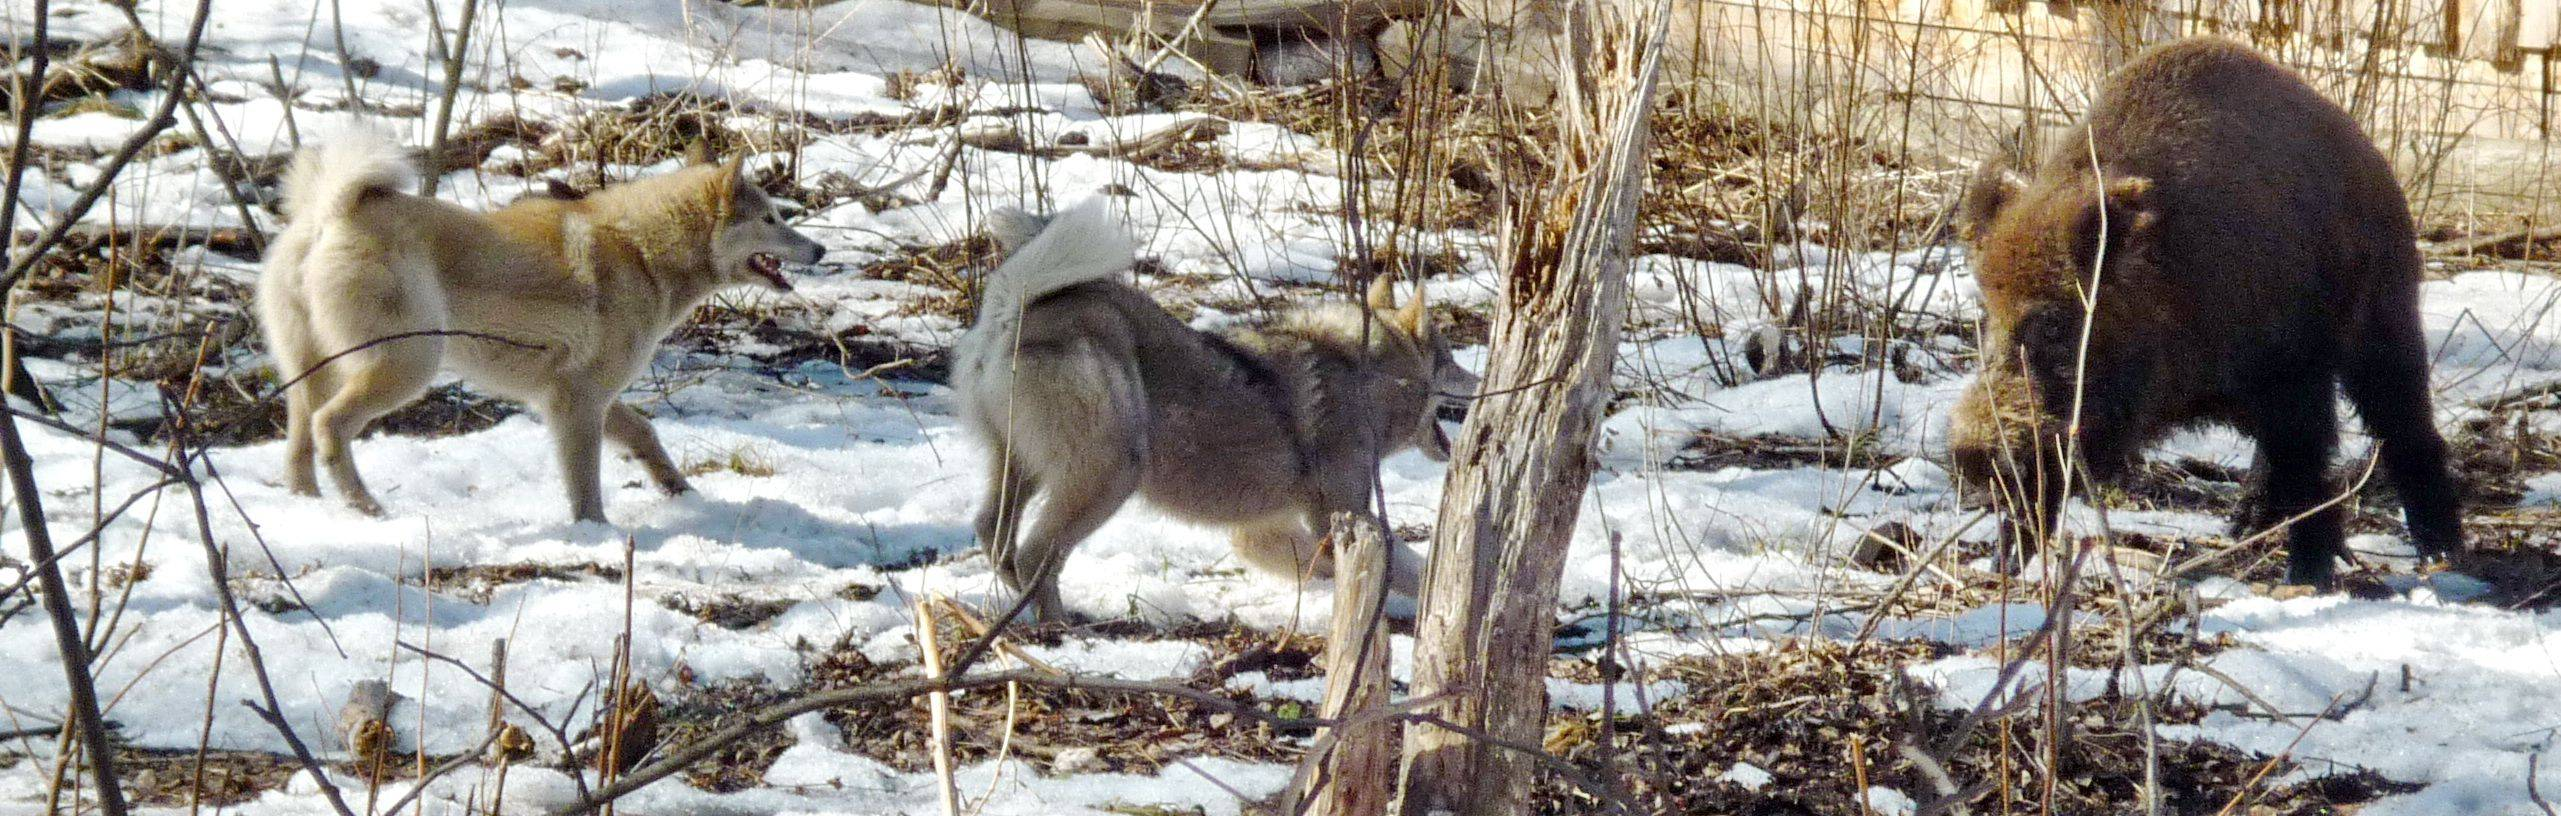 Охота с лайкой: на кабана, лося, медведя, утку, зайца, глухаря